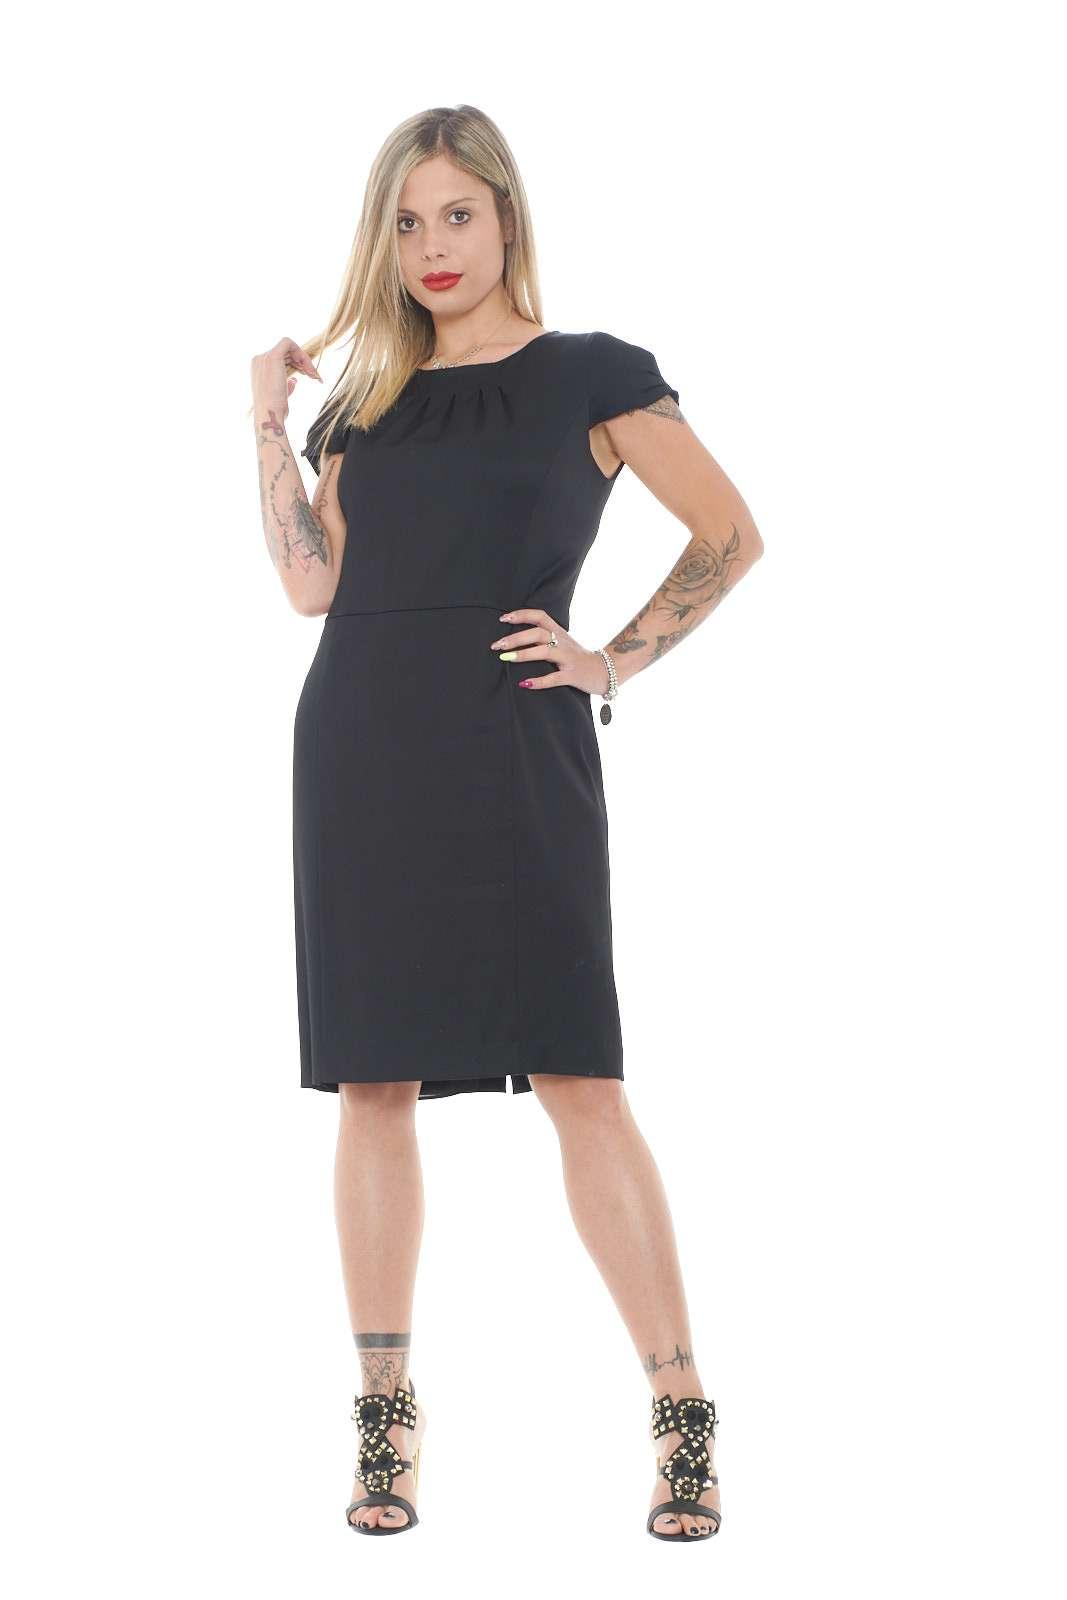 Un abito perfetto per le tue serate più chic, firmato Etro. Abbinato ad un tacco, renderà il tuo aspetto più slanciato, oltre che femminile e alla moda. Il capo perfetto per la donna che ama essere sempre impeccabile.